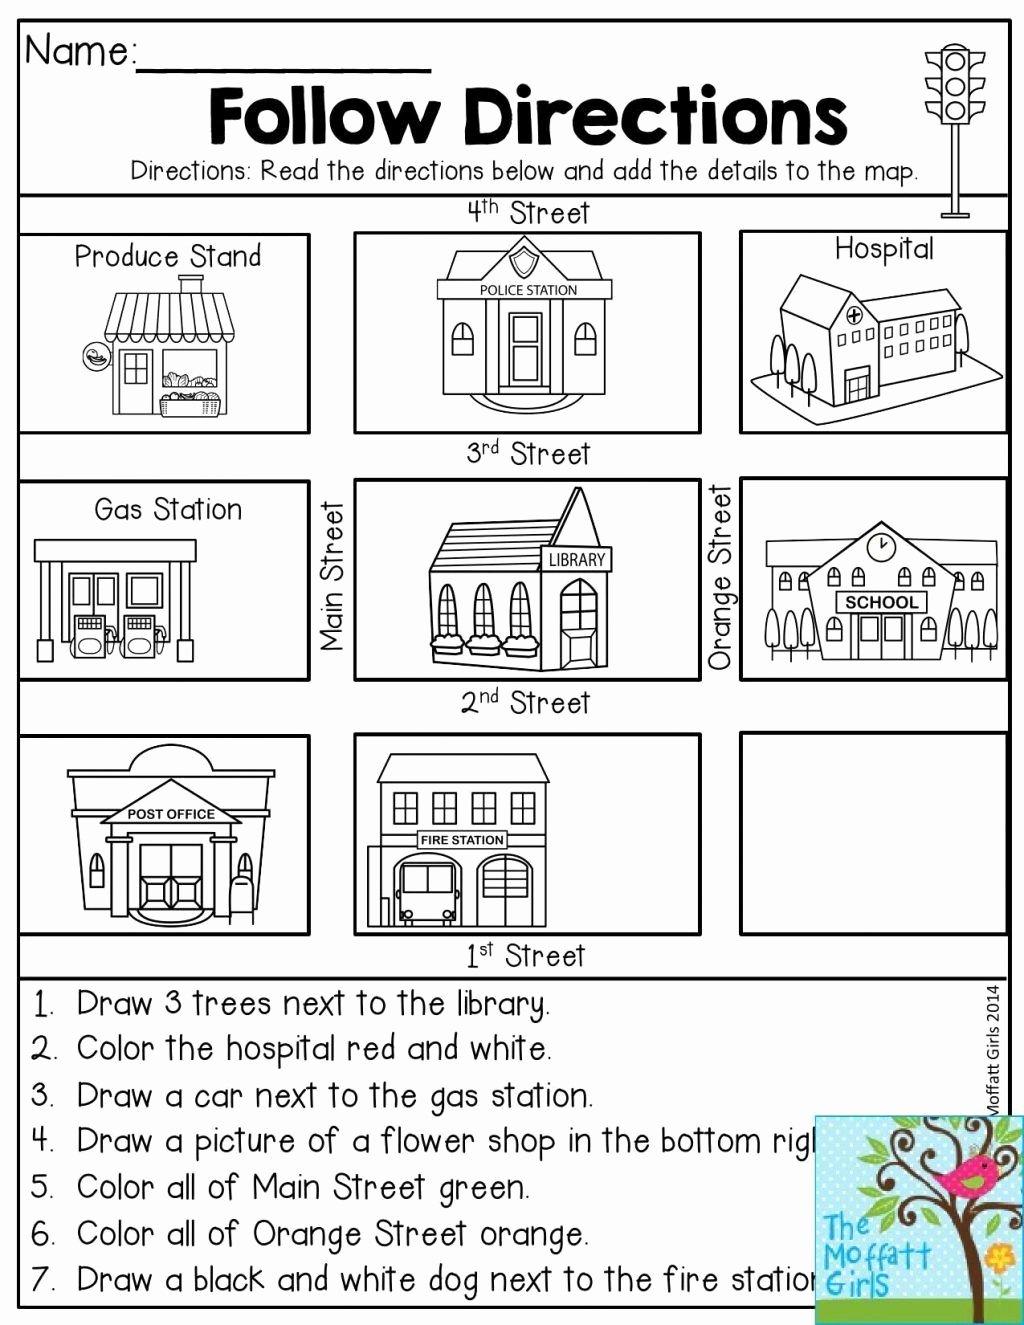 Map Skills Worksheet 2nd Grade Lovely Map Skills Worksheets to You Map Skills Worksheets